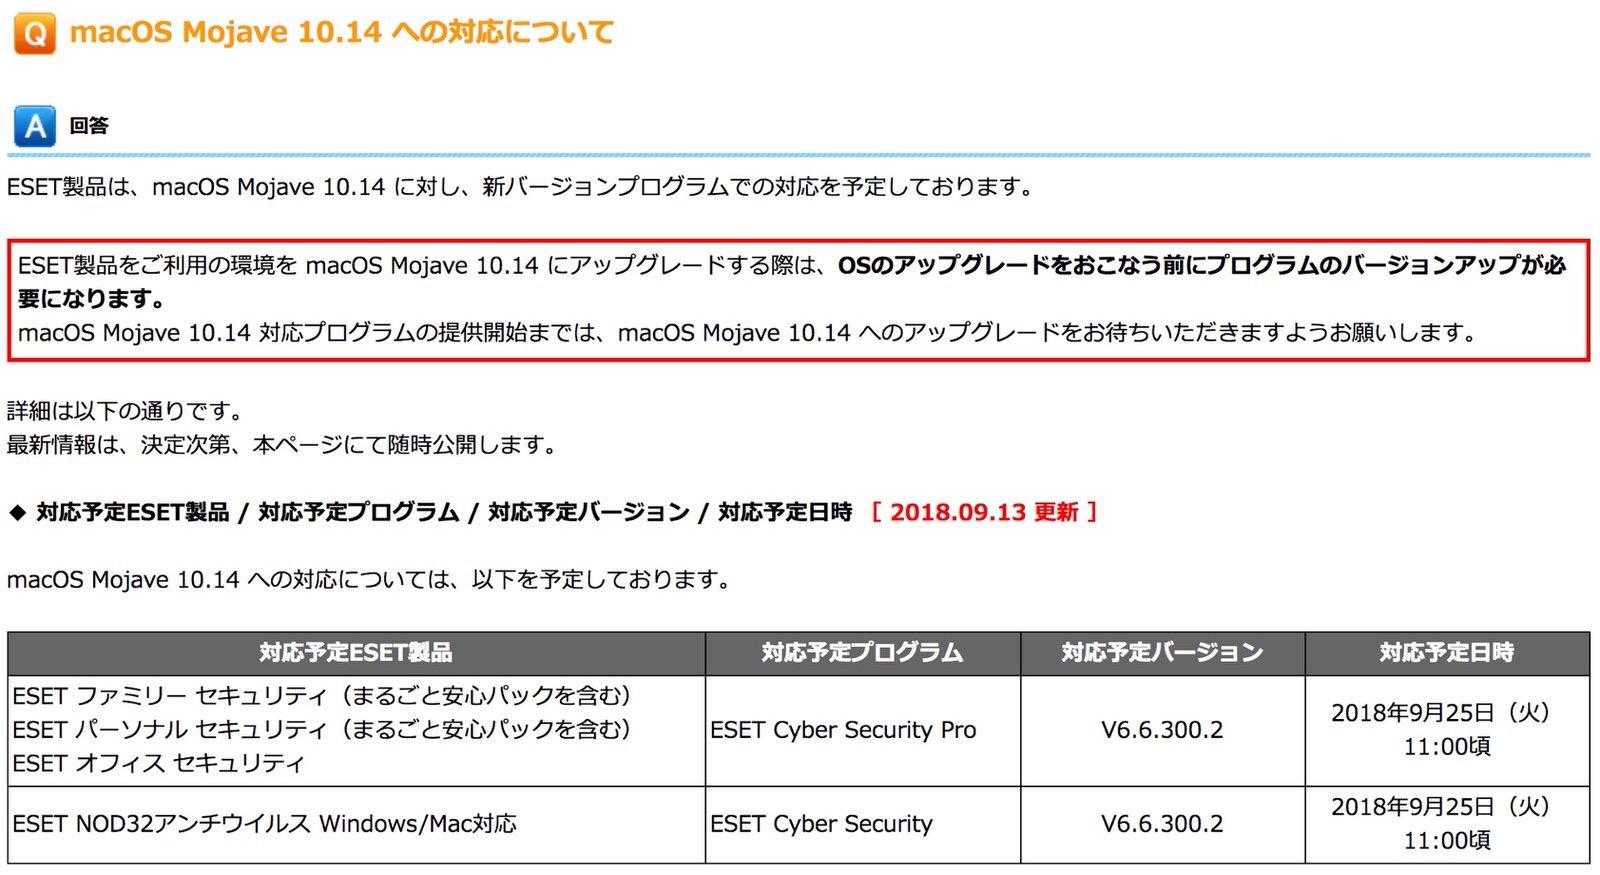 Mac用セキュリティソフトウェア「ESET Cyber Security」-1